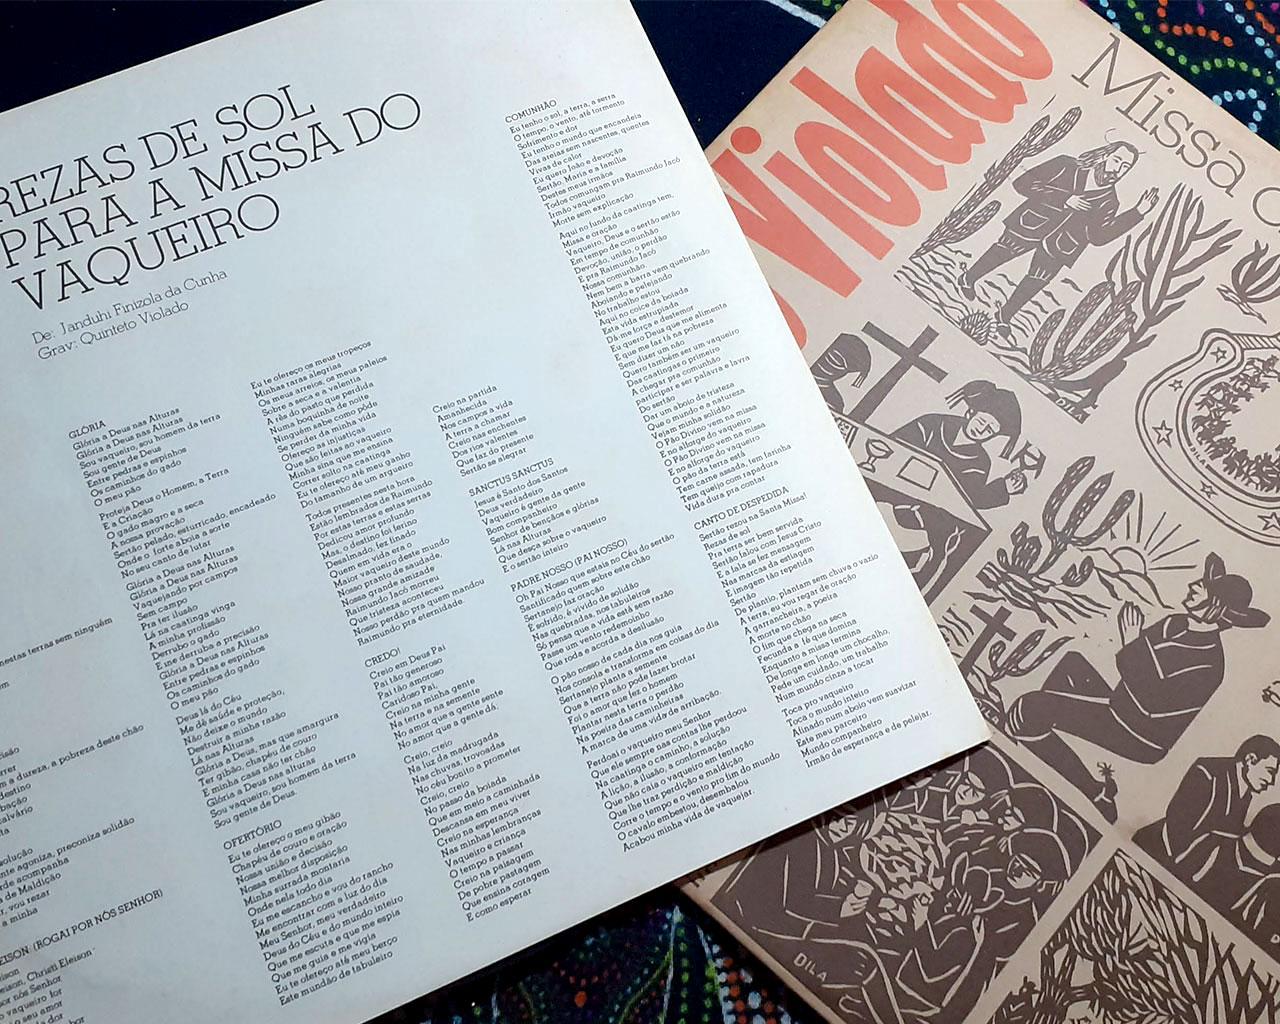 LP Quinteto Violado A Missa do Vaqueiro 1976 ótimo estado